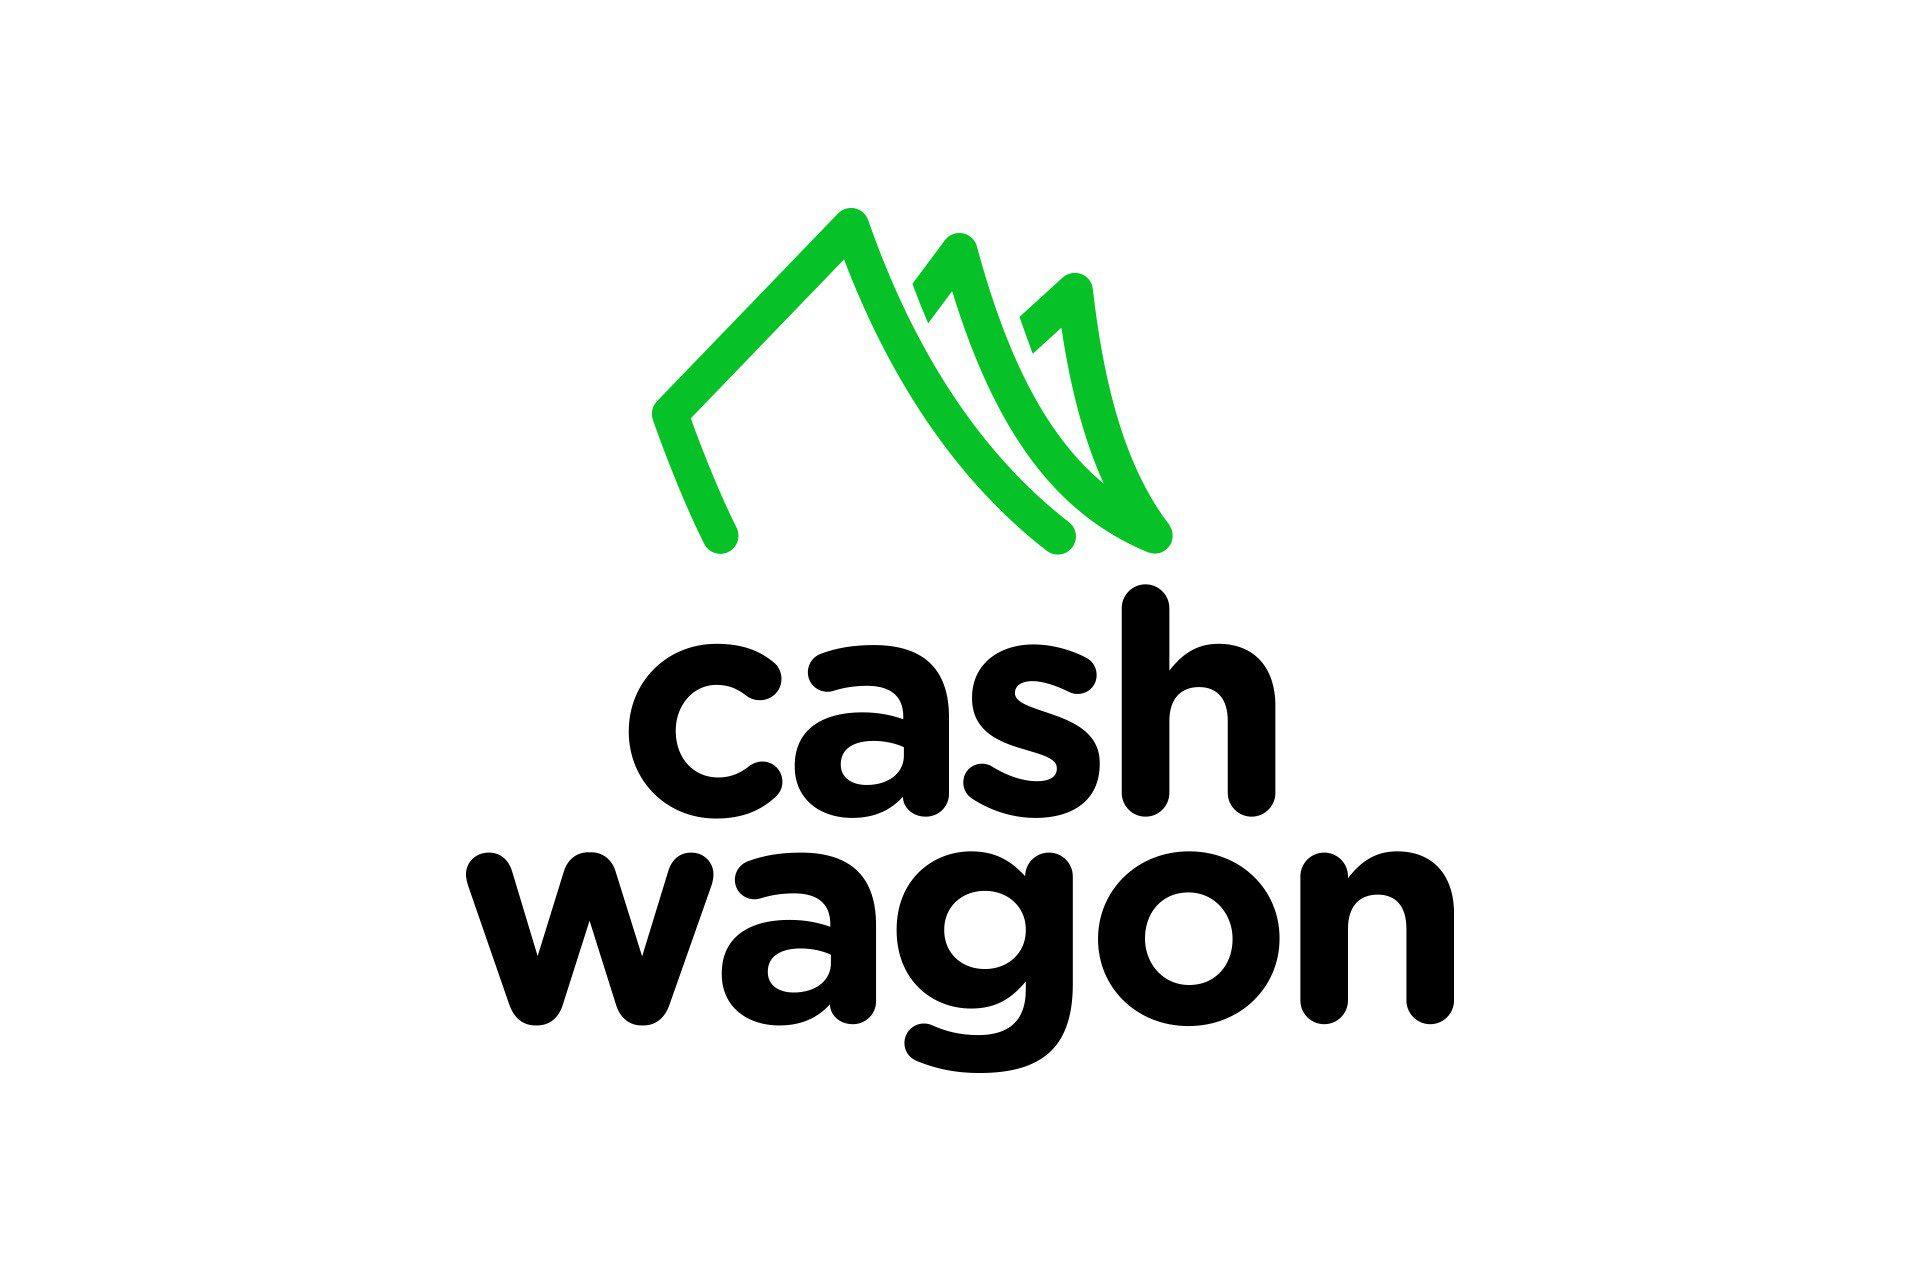 Cashwagon thuộc các đơn vị cho vay nhanh tốt nhất hiện nay